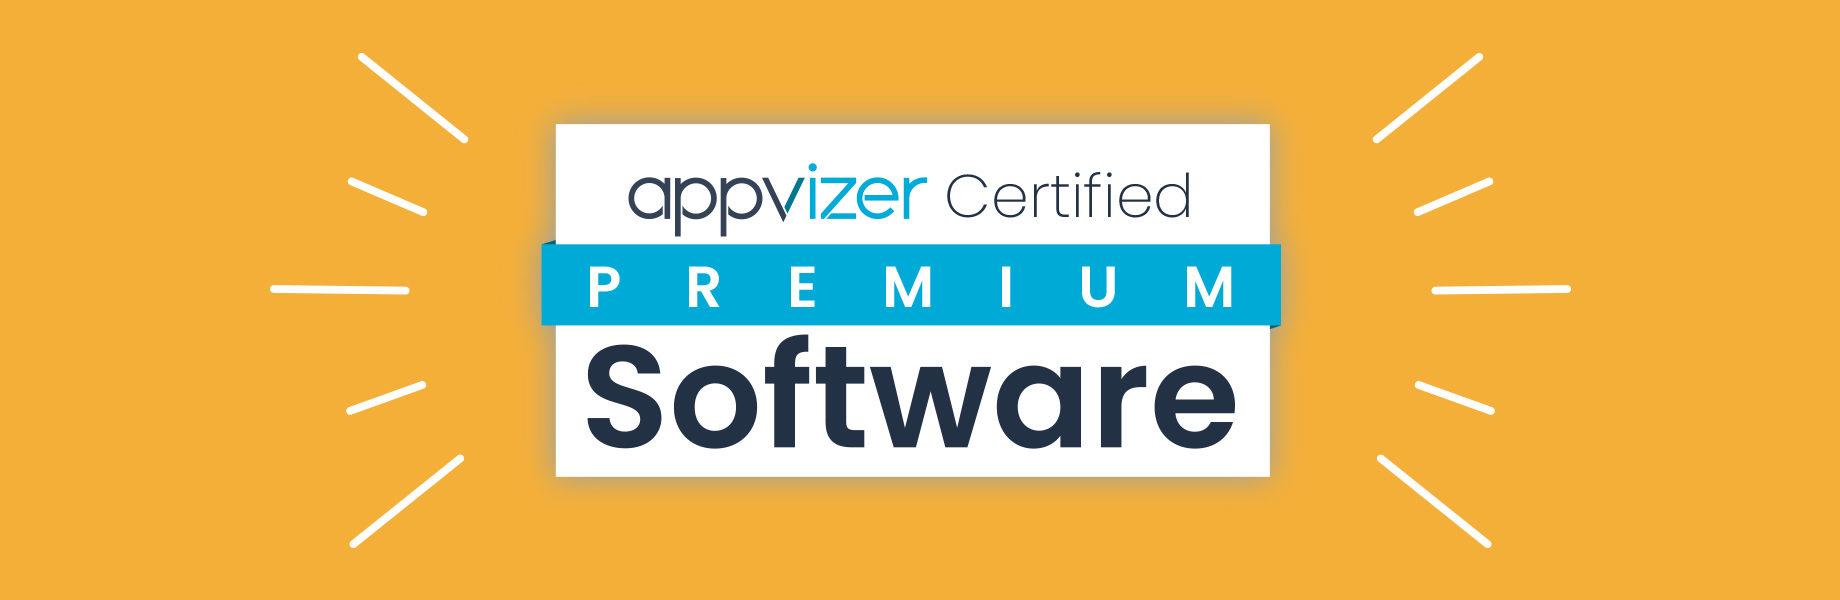 Comment obtenir un badge premium appvizer ?